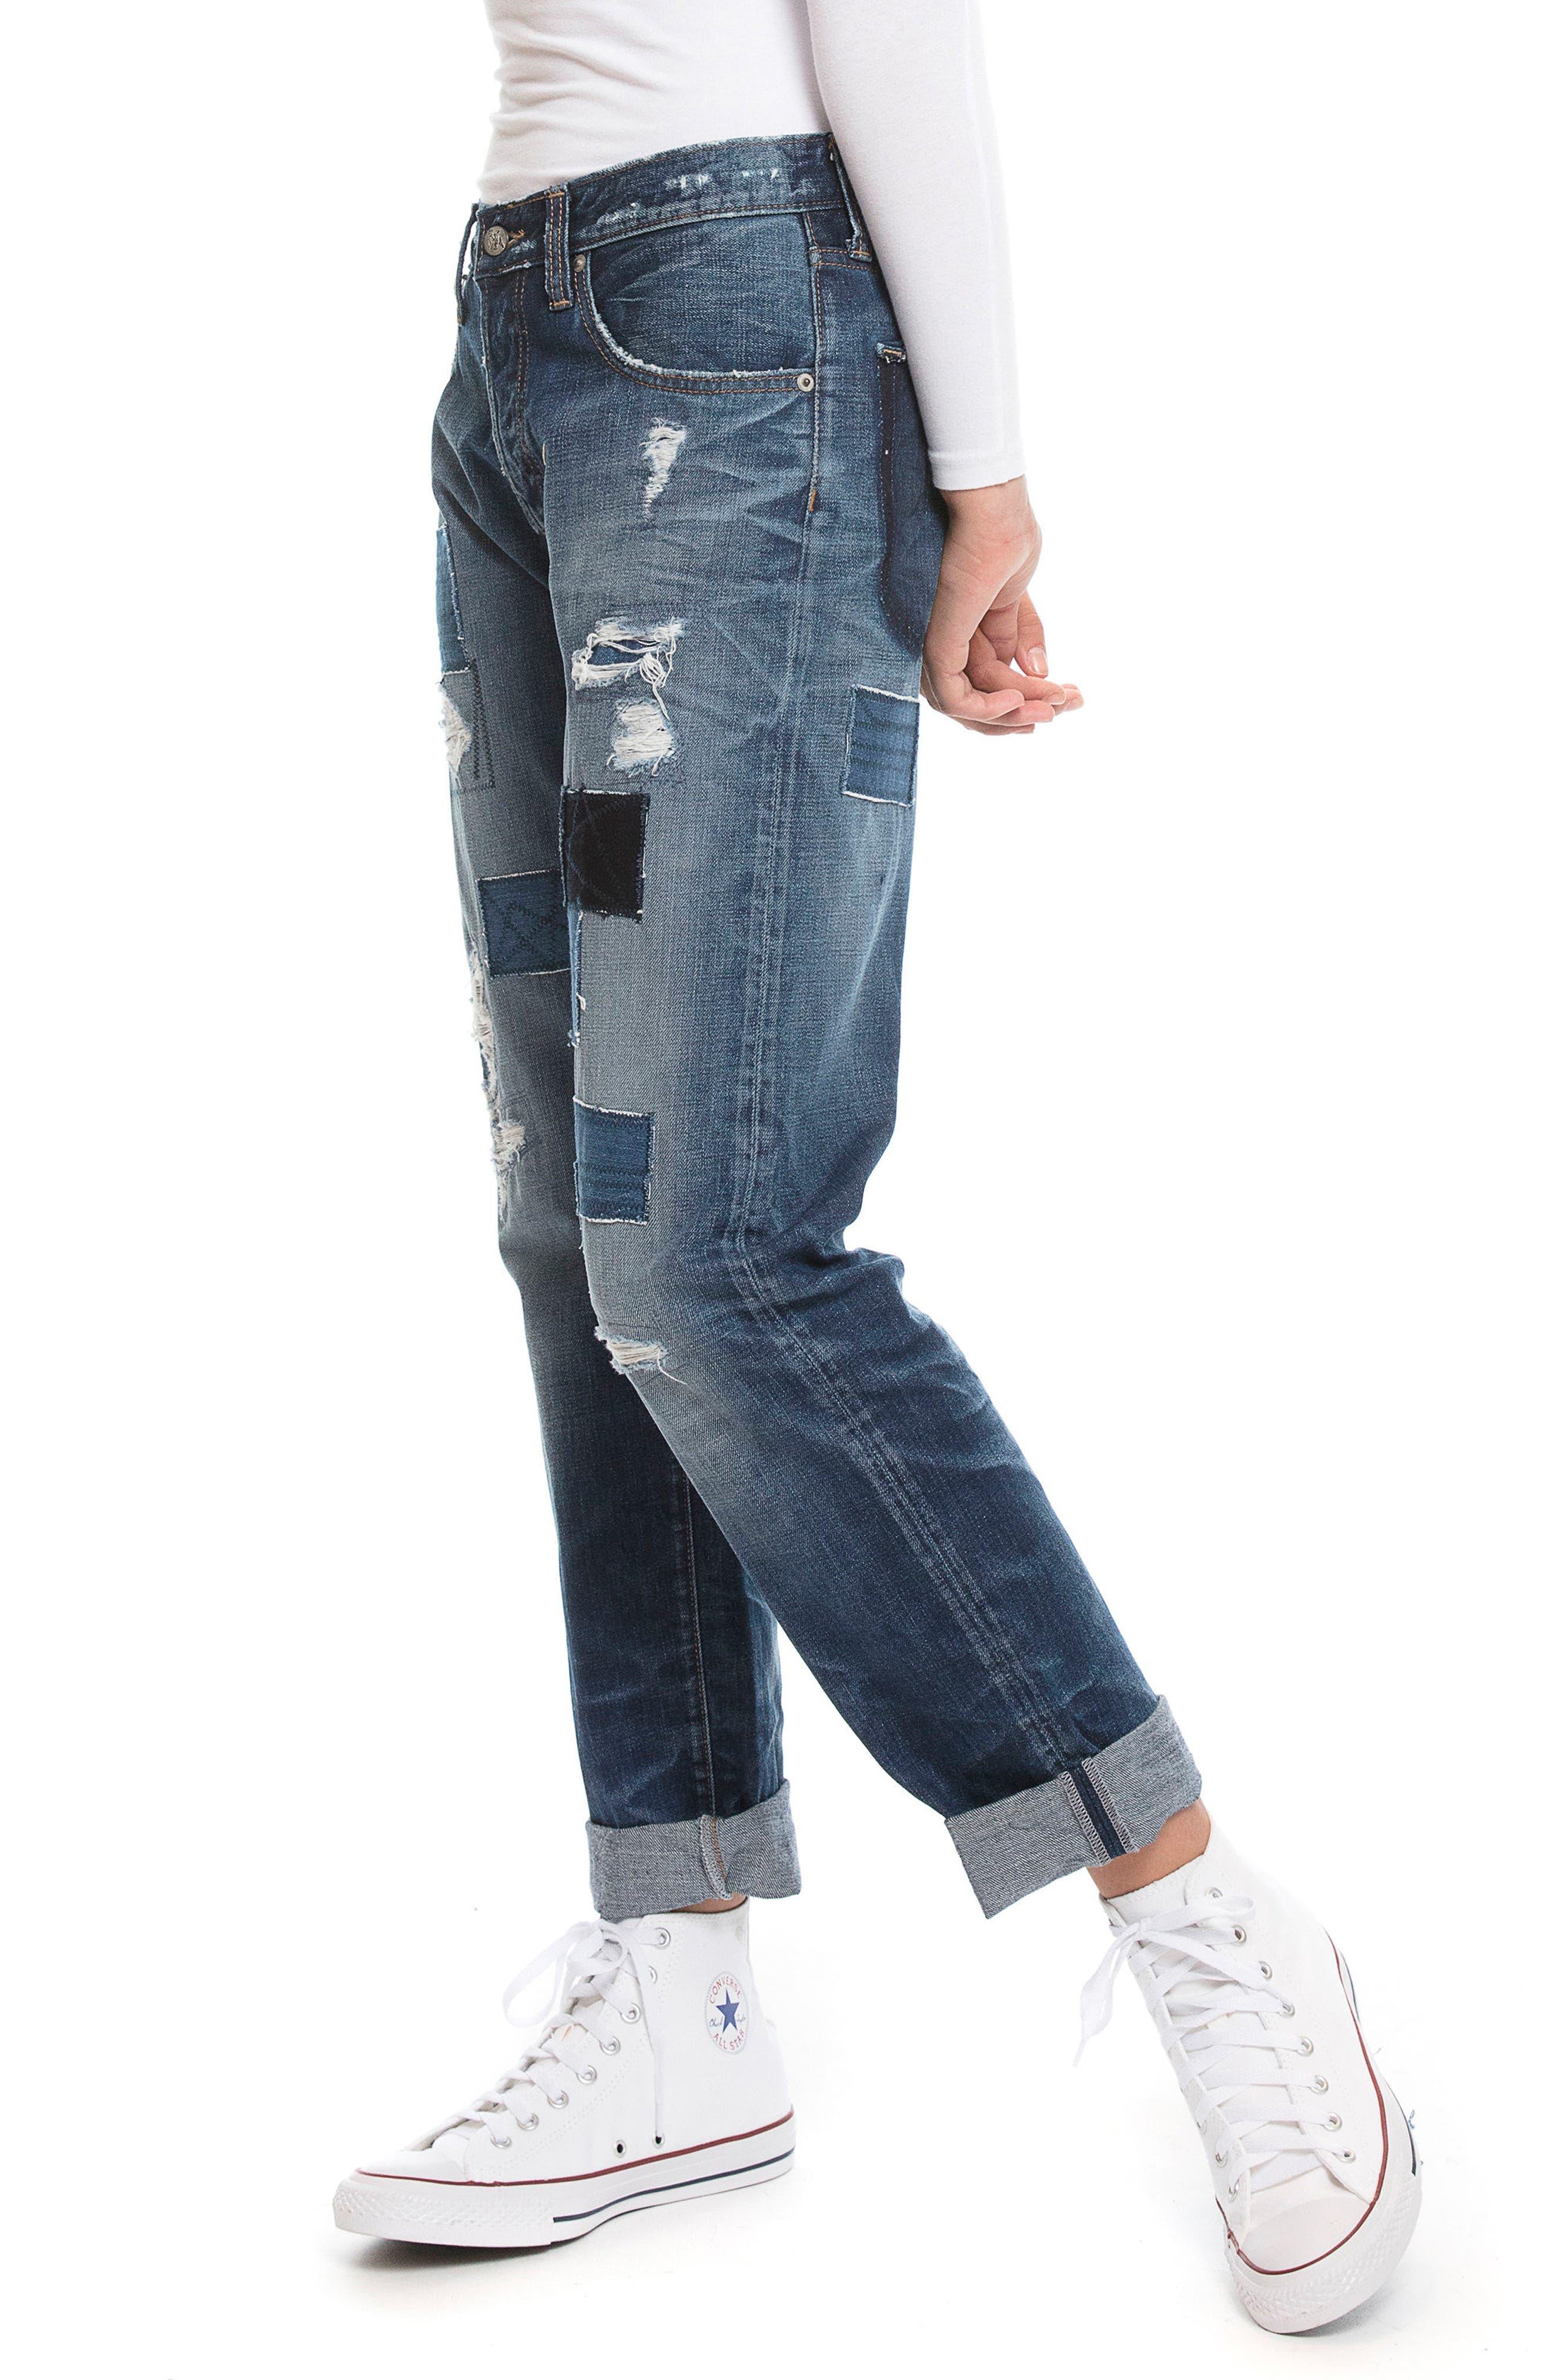 El Camino - Patch It Boyfriend Jeans,                         Main,                         color, INDIGO